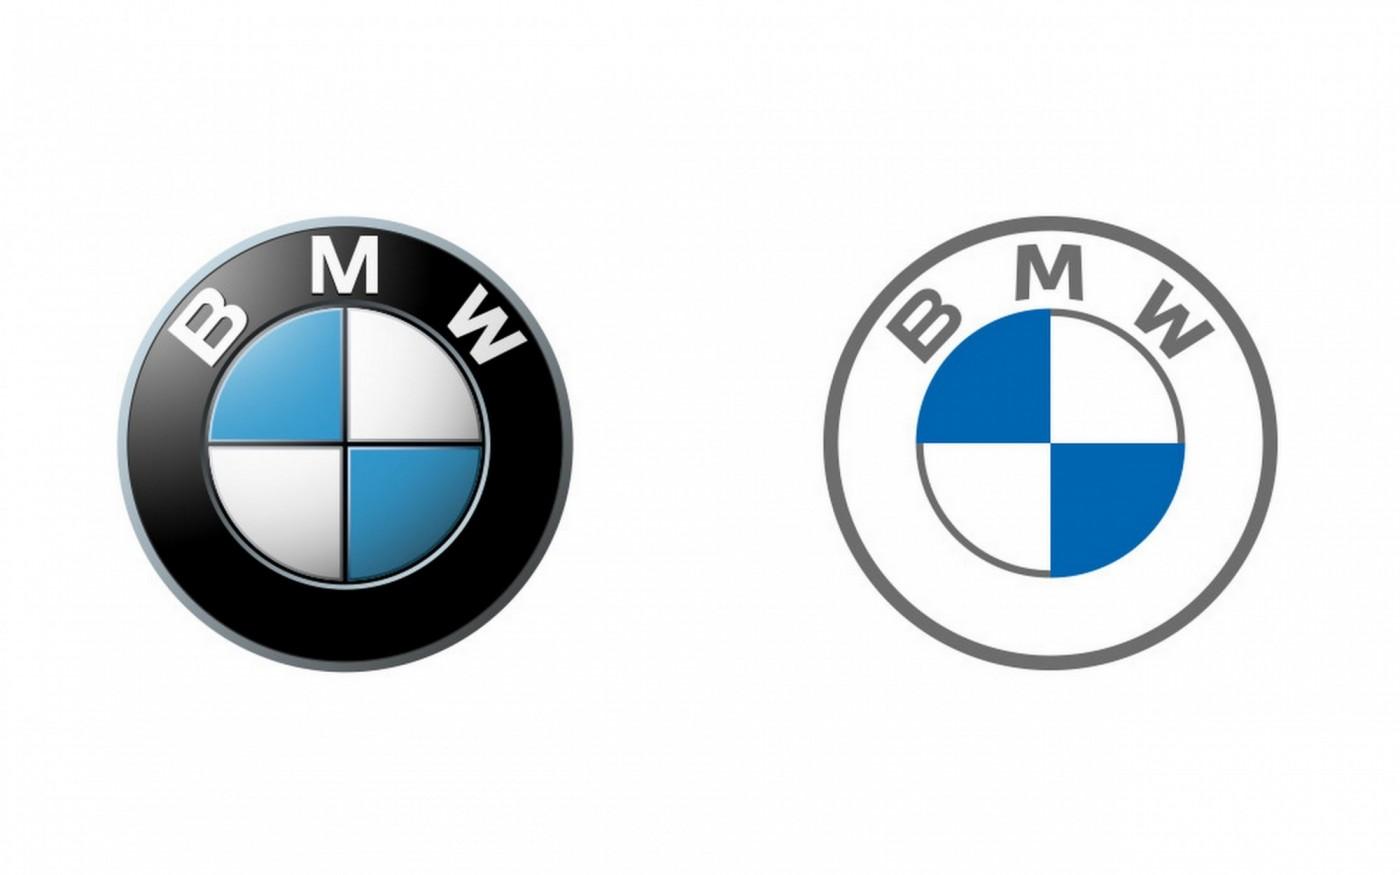 繼奧迪與福斯之後,BMW也釋出新logo:3 個設計重點一次看